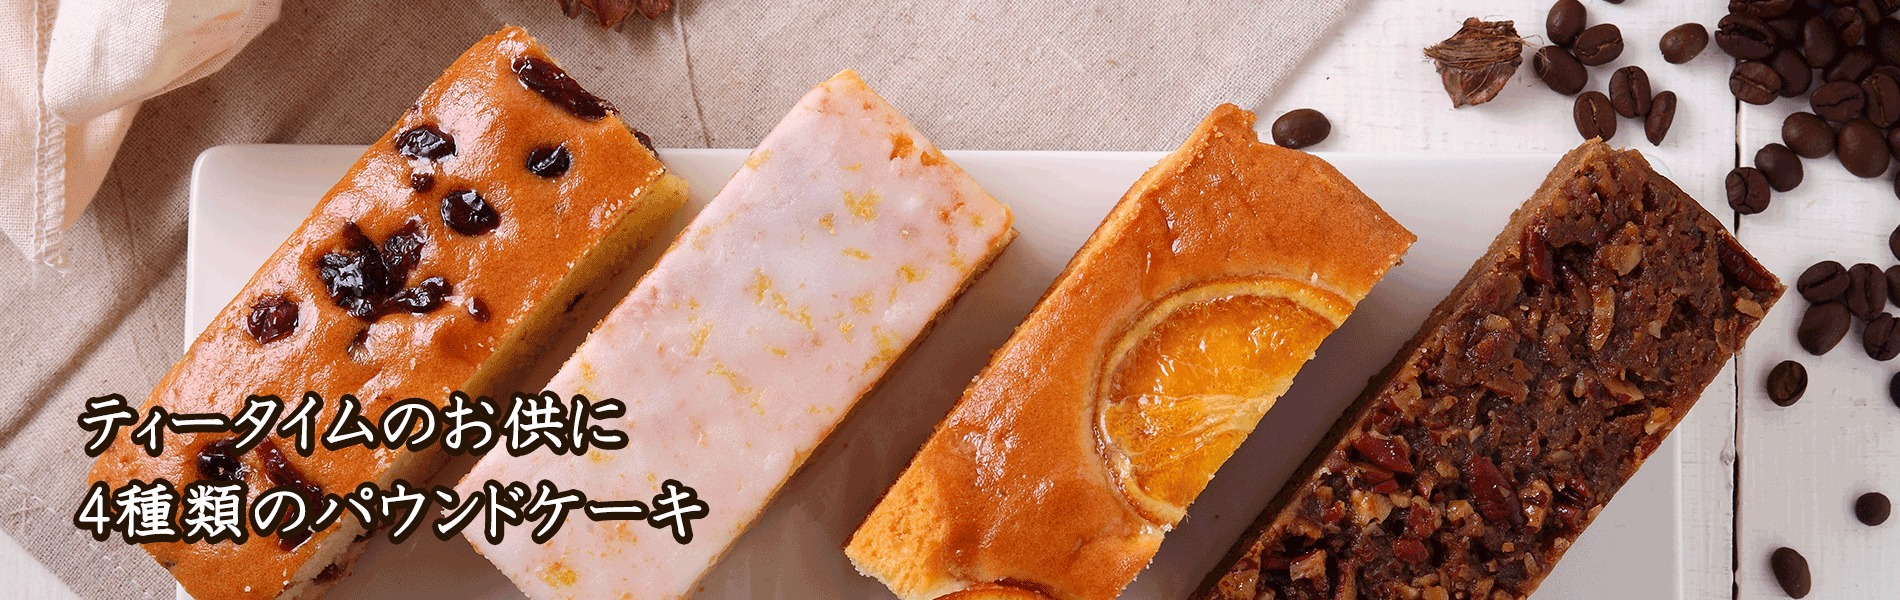 ティータイムのお供にパウンドケーキ